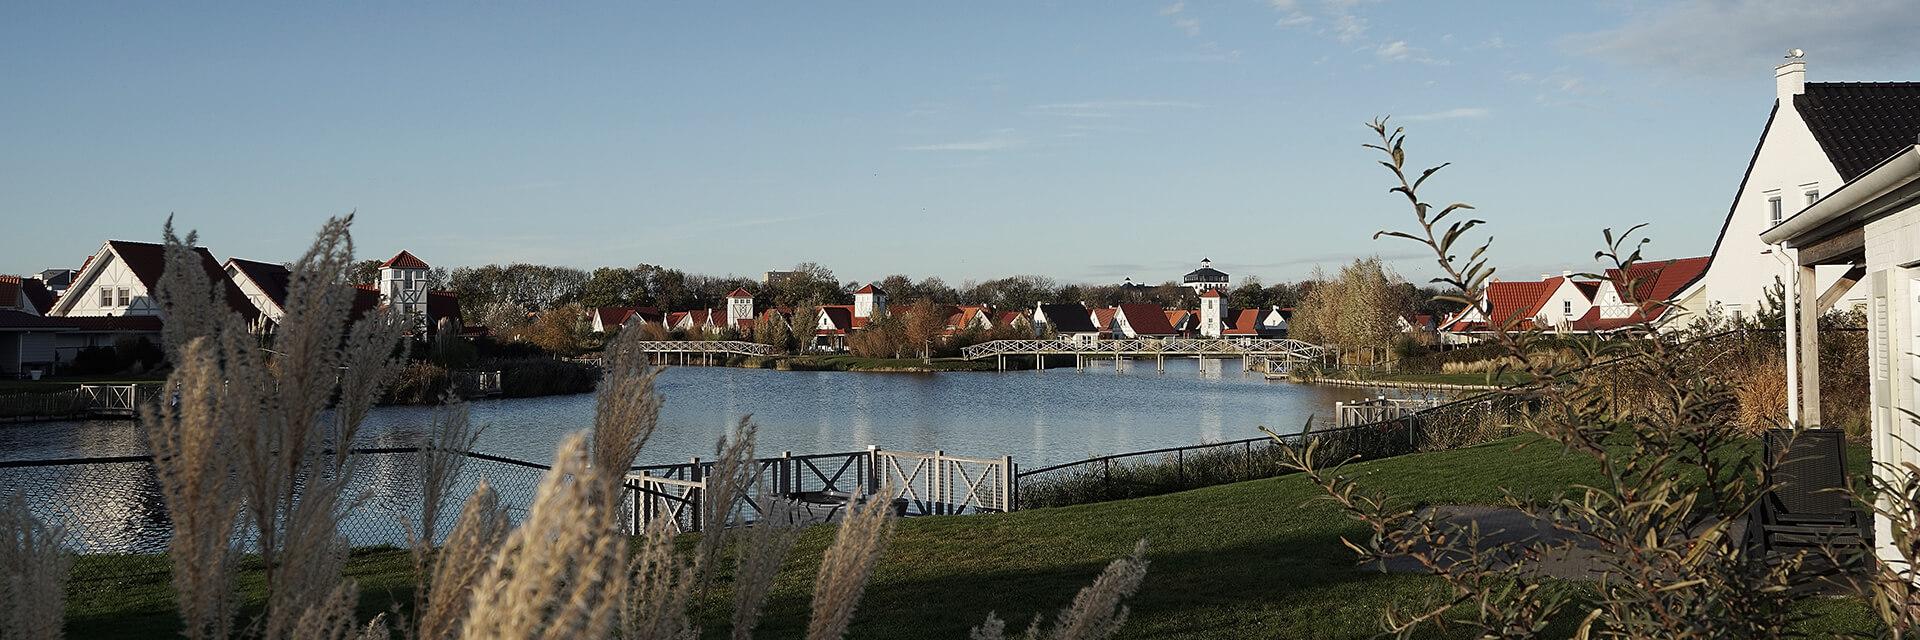 Leisure Architectuur - Noordzee Résidence Cadzand-Bad - Vakantie villa's aan het water